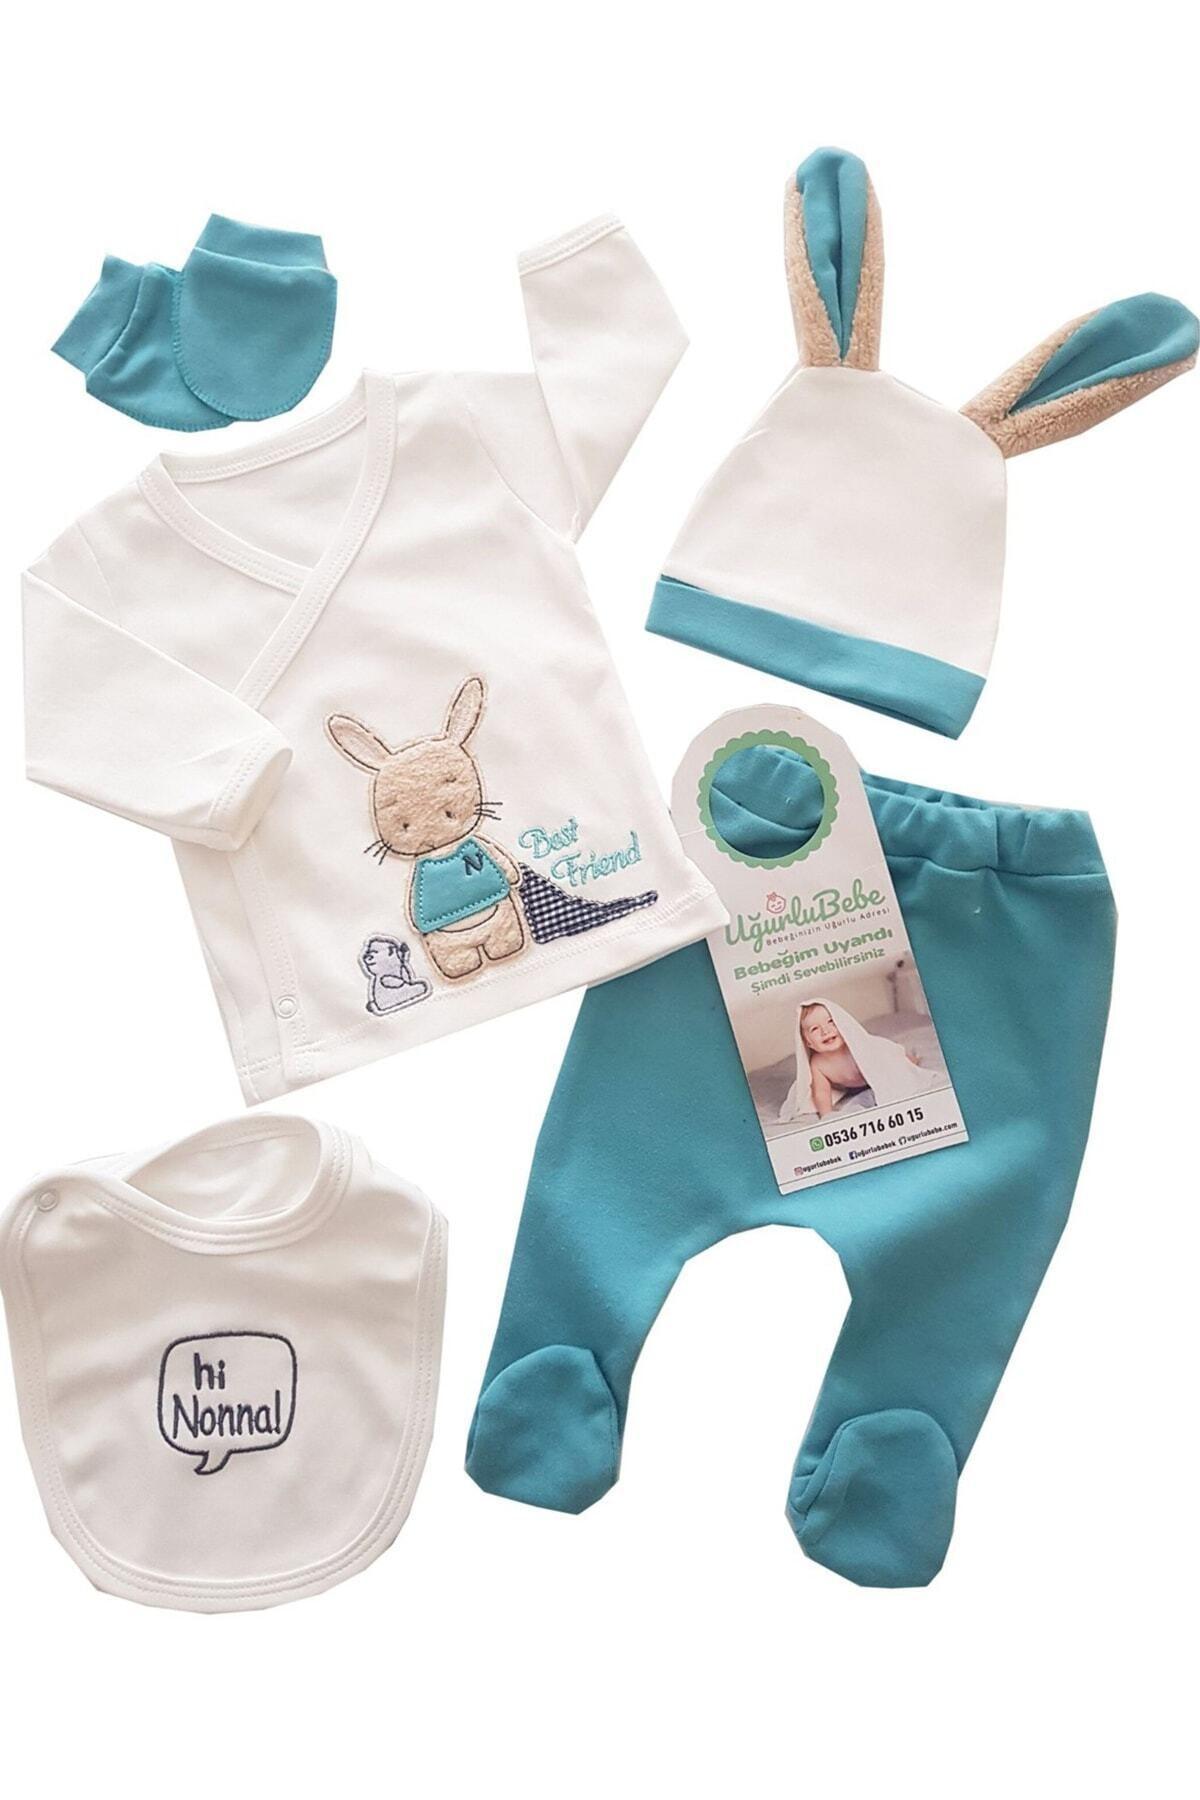 Nonna Baby Erkek Bebek Mavi Uzun Kulak Tavşan 5 Parça Hastane Çıkış Seti 1